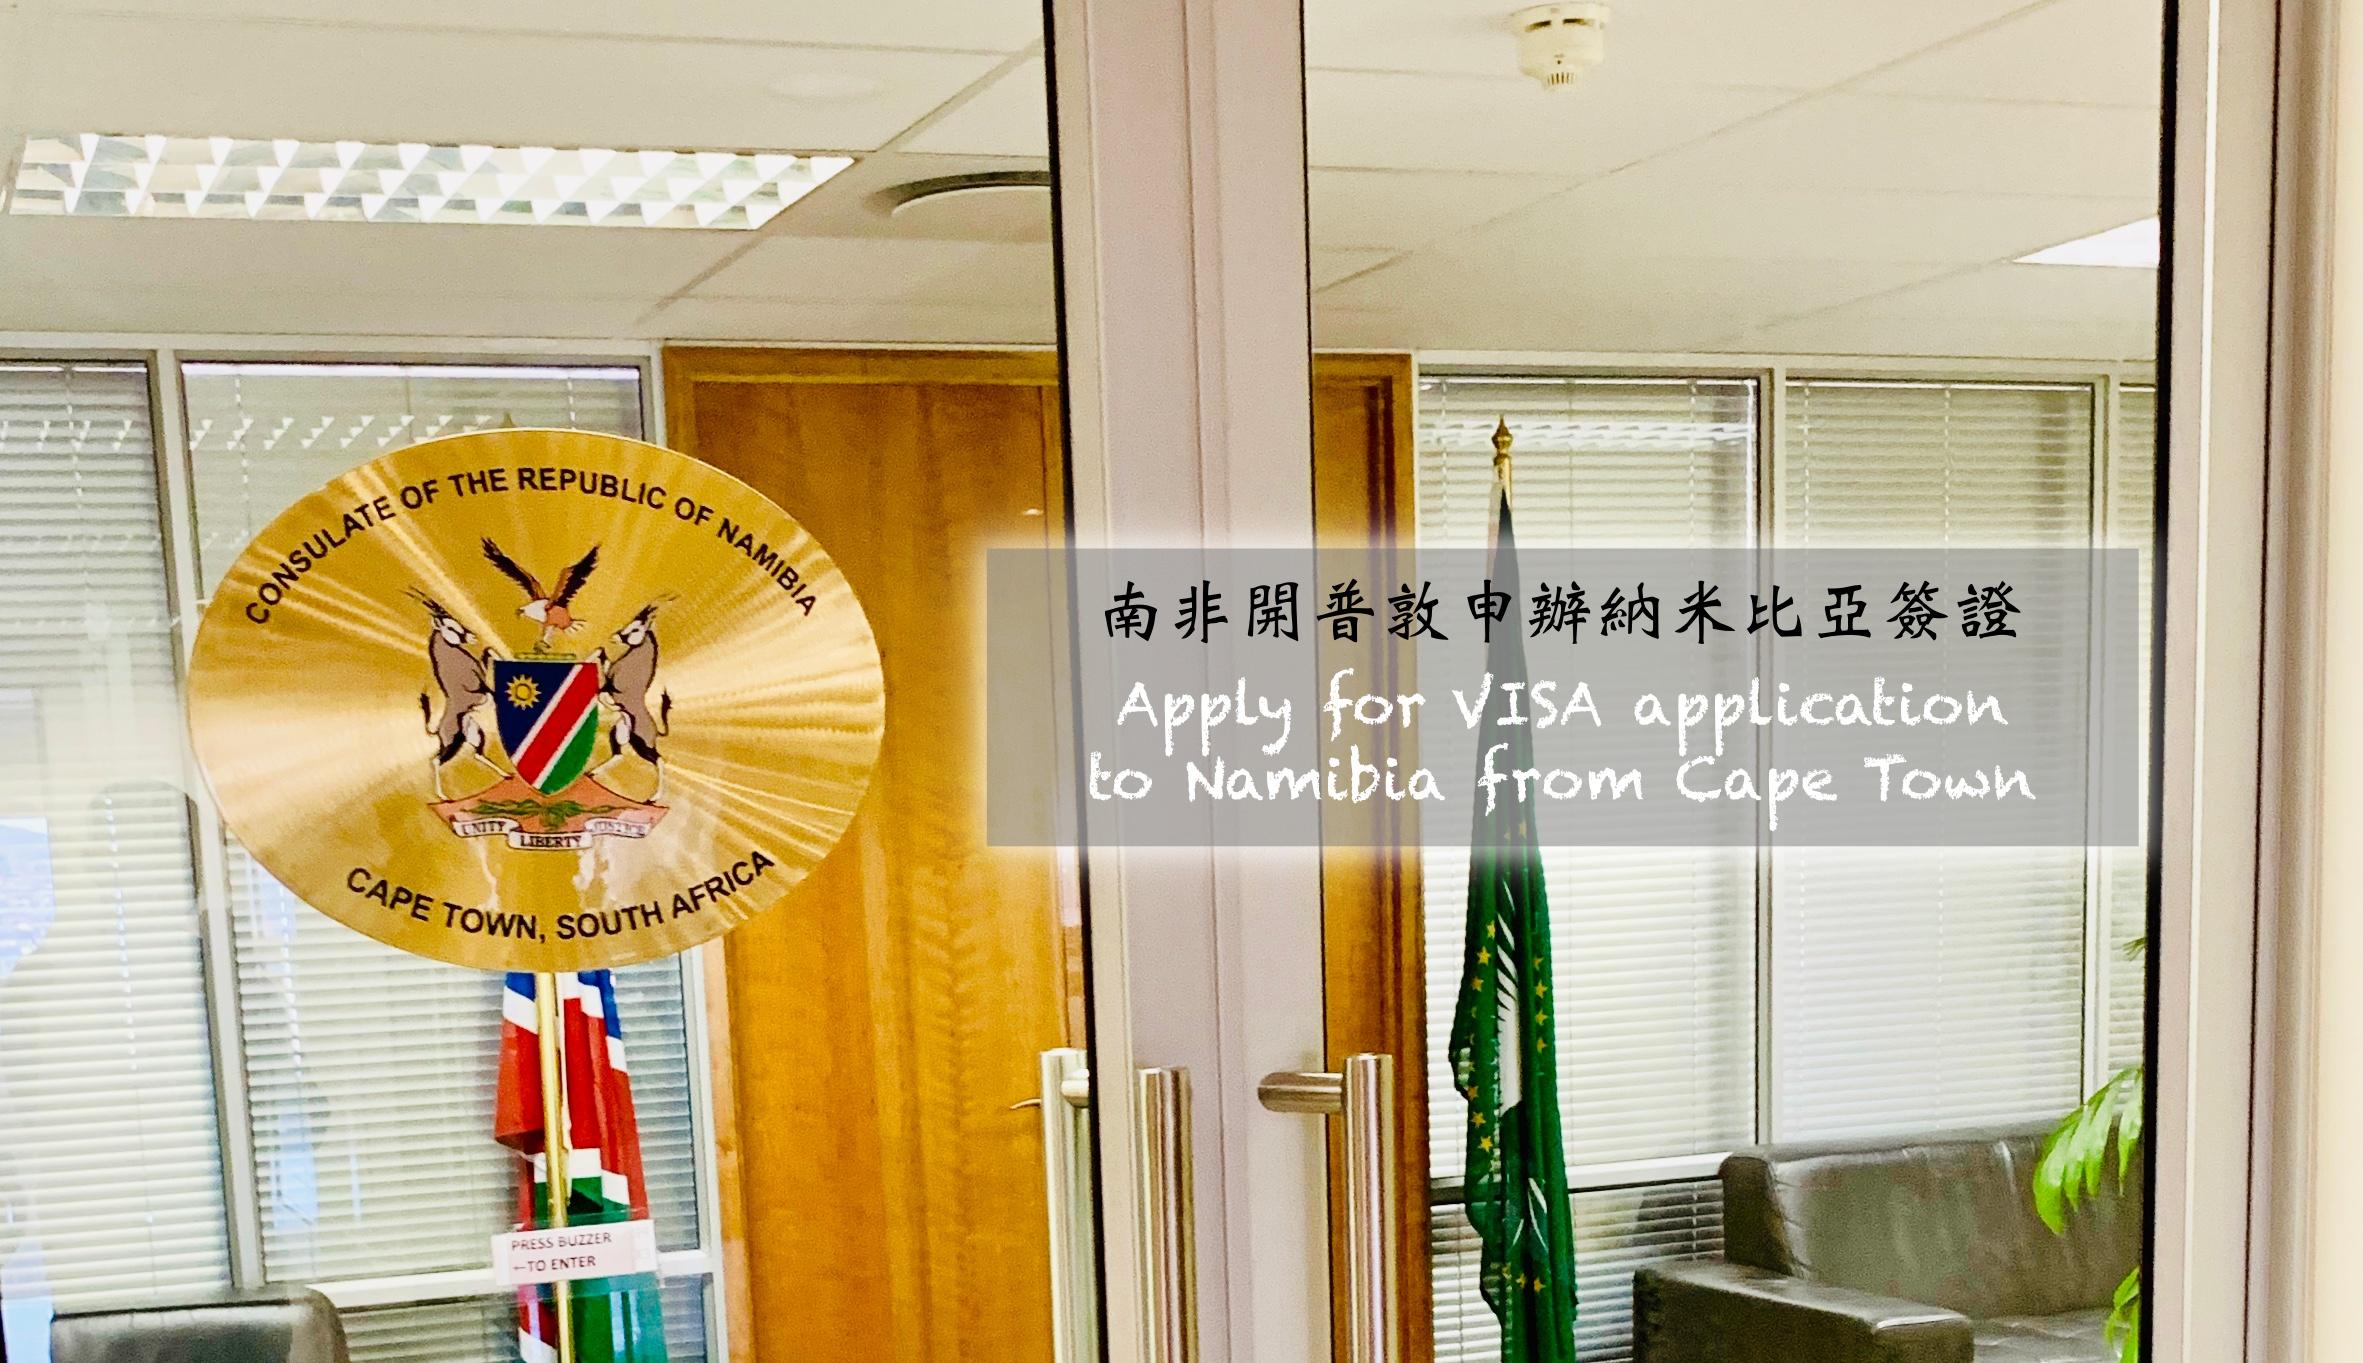 偉恩的生活旅行誌: [納米比亞]在南非開普敦申辦納米比亞簽證流程Apply for VISA application to Namibia from Cape Town